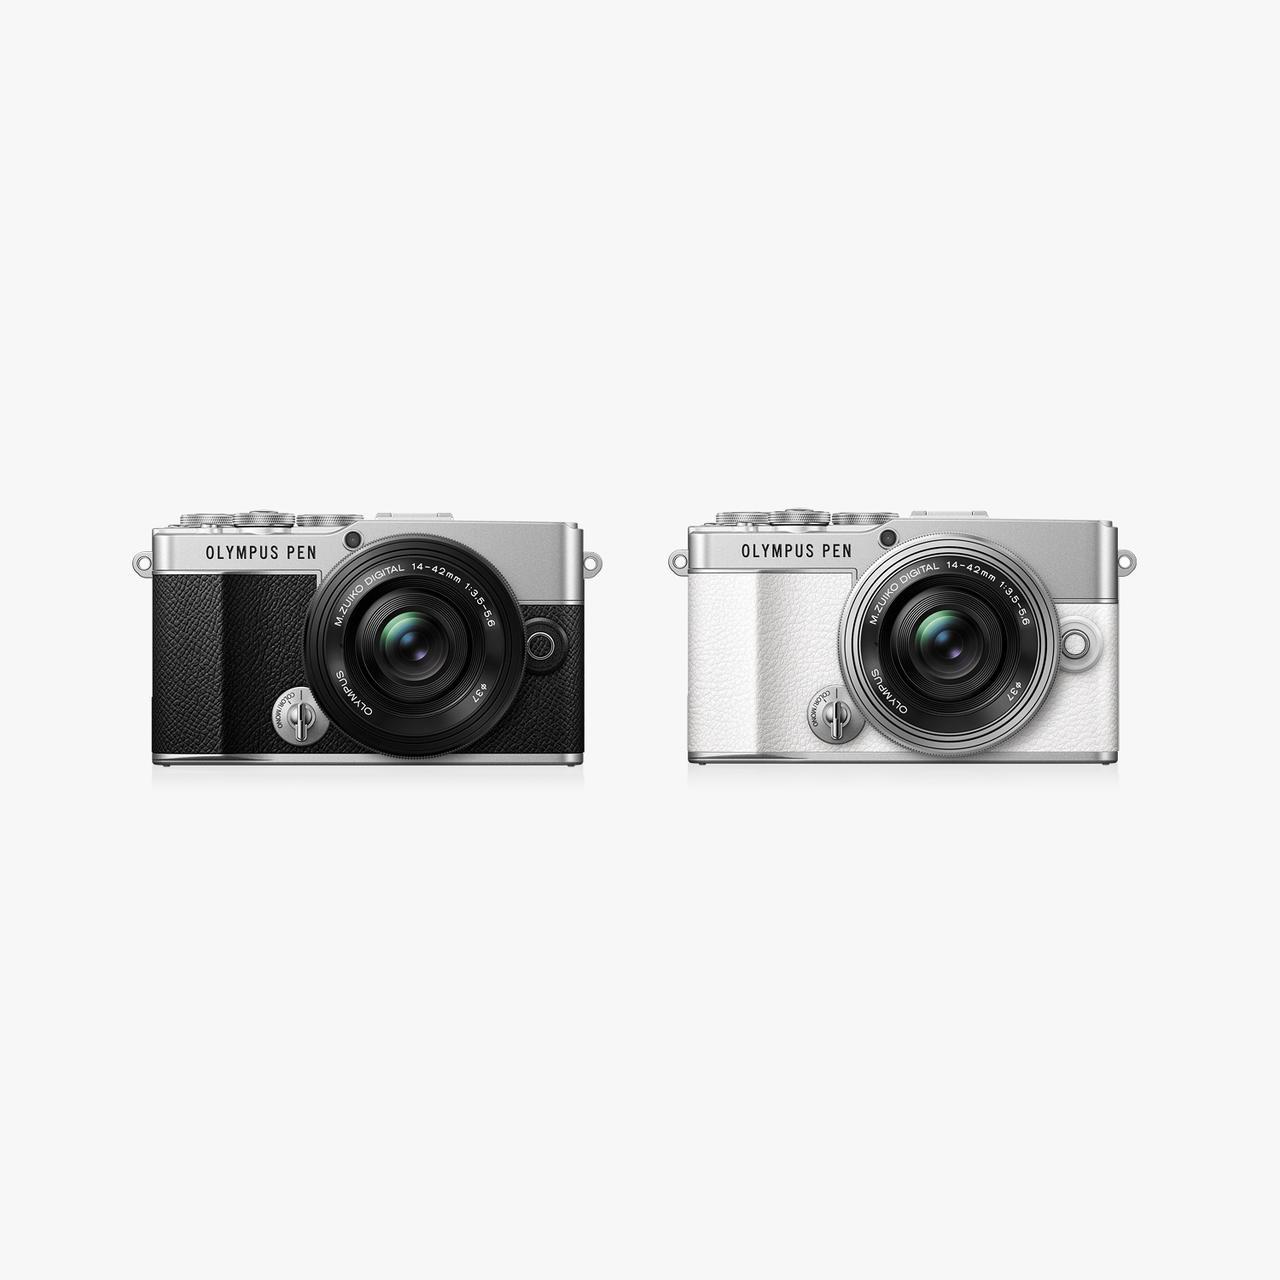 画像: OLYMPUS PEN E-P7 | PEN | オリンパス:カメラ、オーディオ、双眼鏡